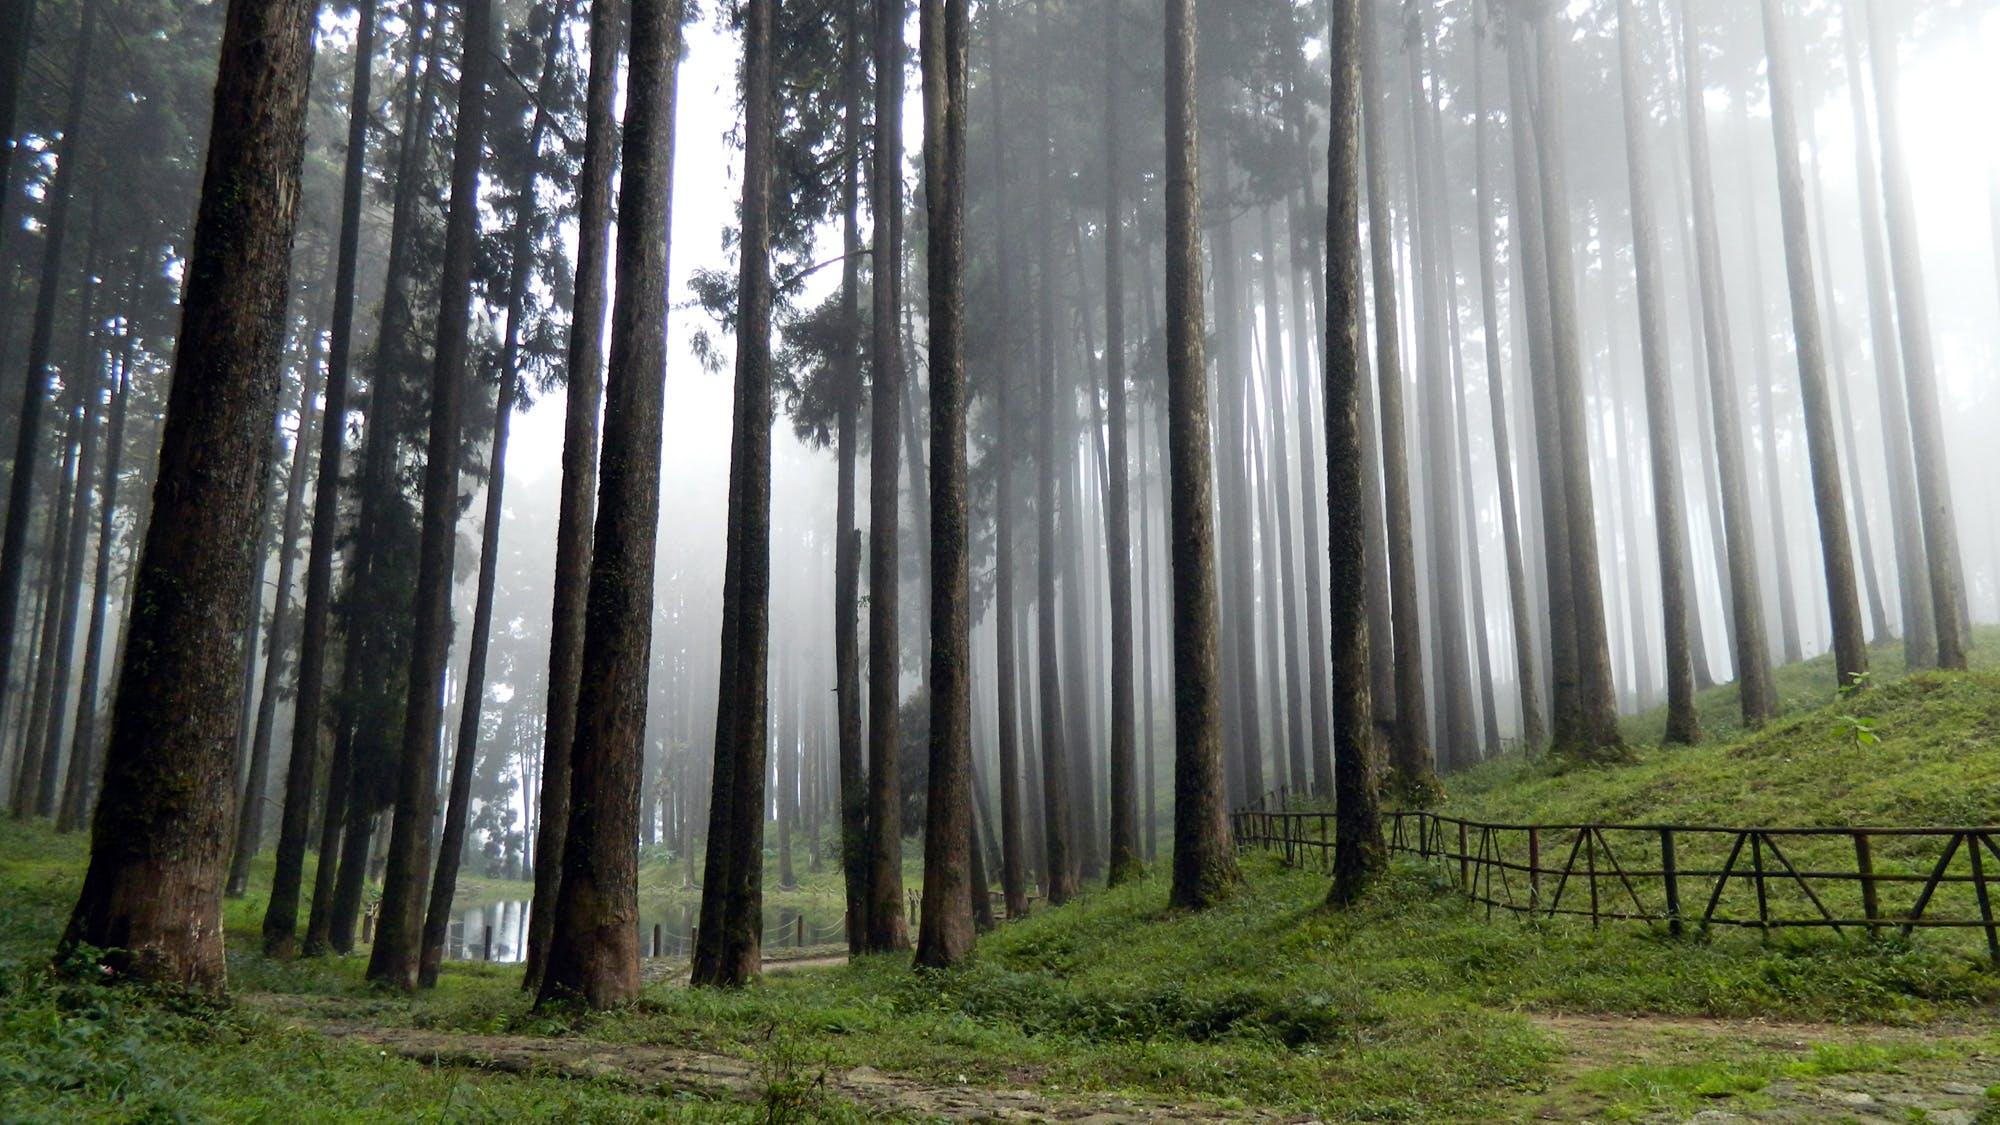 Základová fotografie zdarma na téma borovice, denní světlo, jehličnan, kmeny stromů